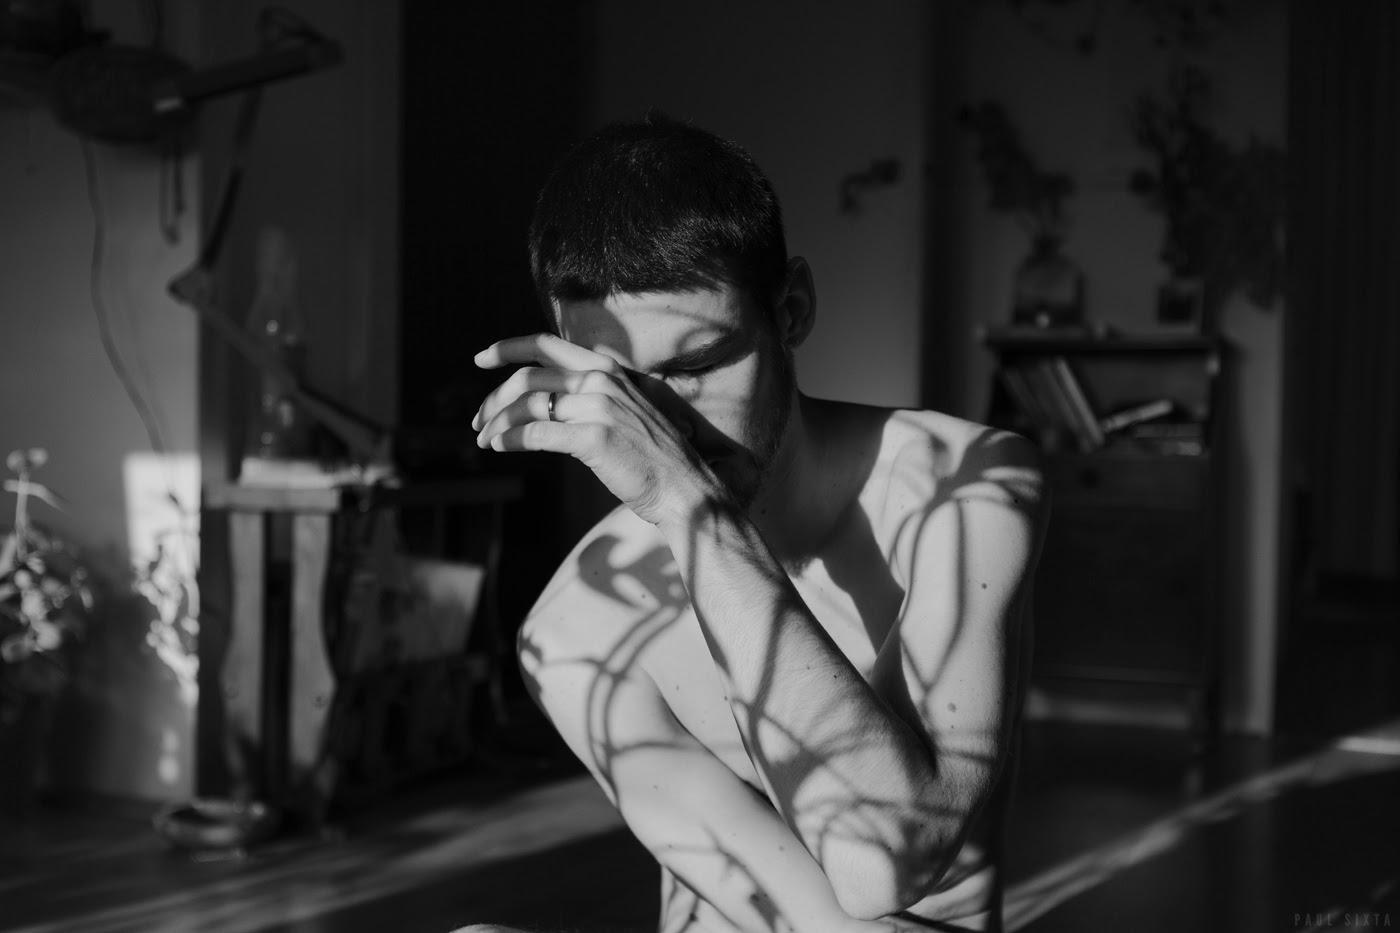 AntoniN, by Paul Sixta ft Antonin Rioche (NSFW).